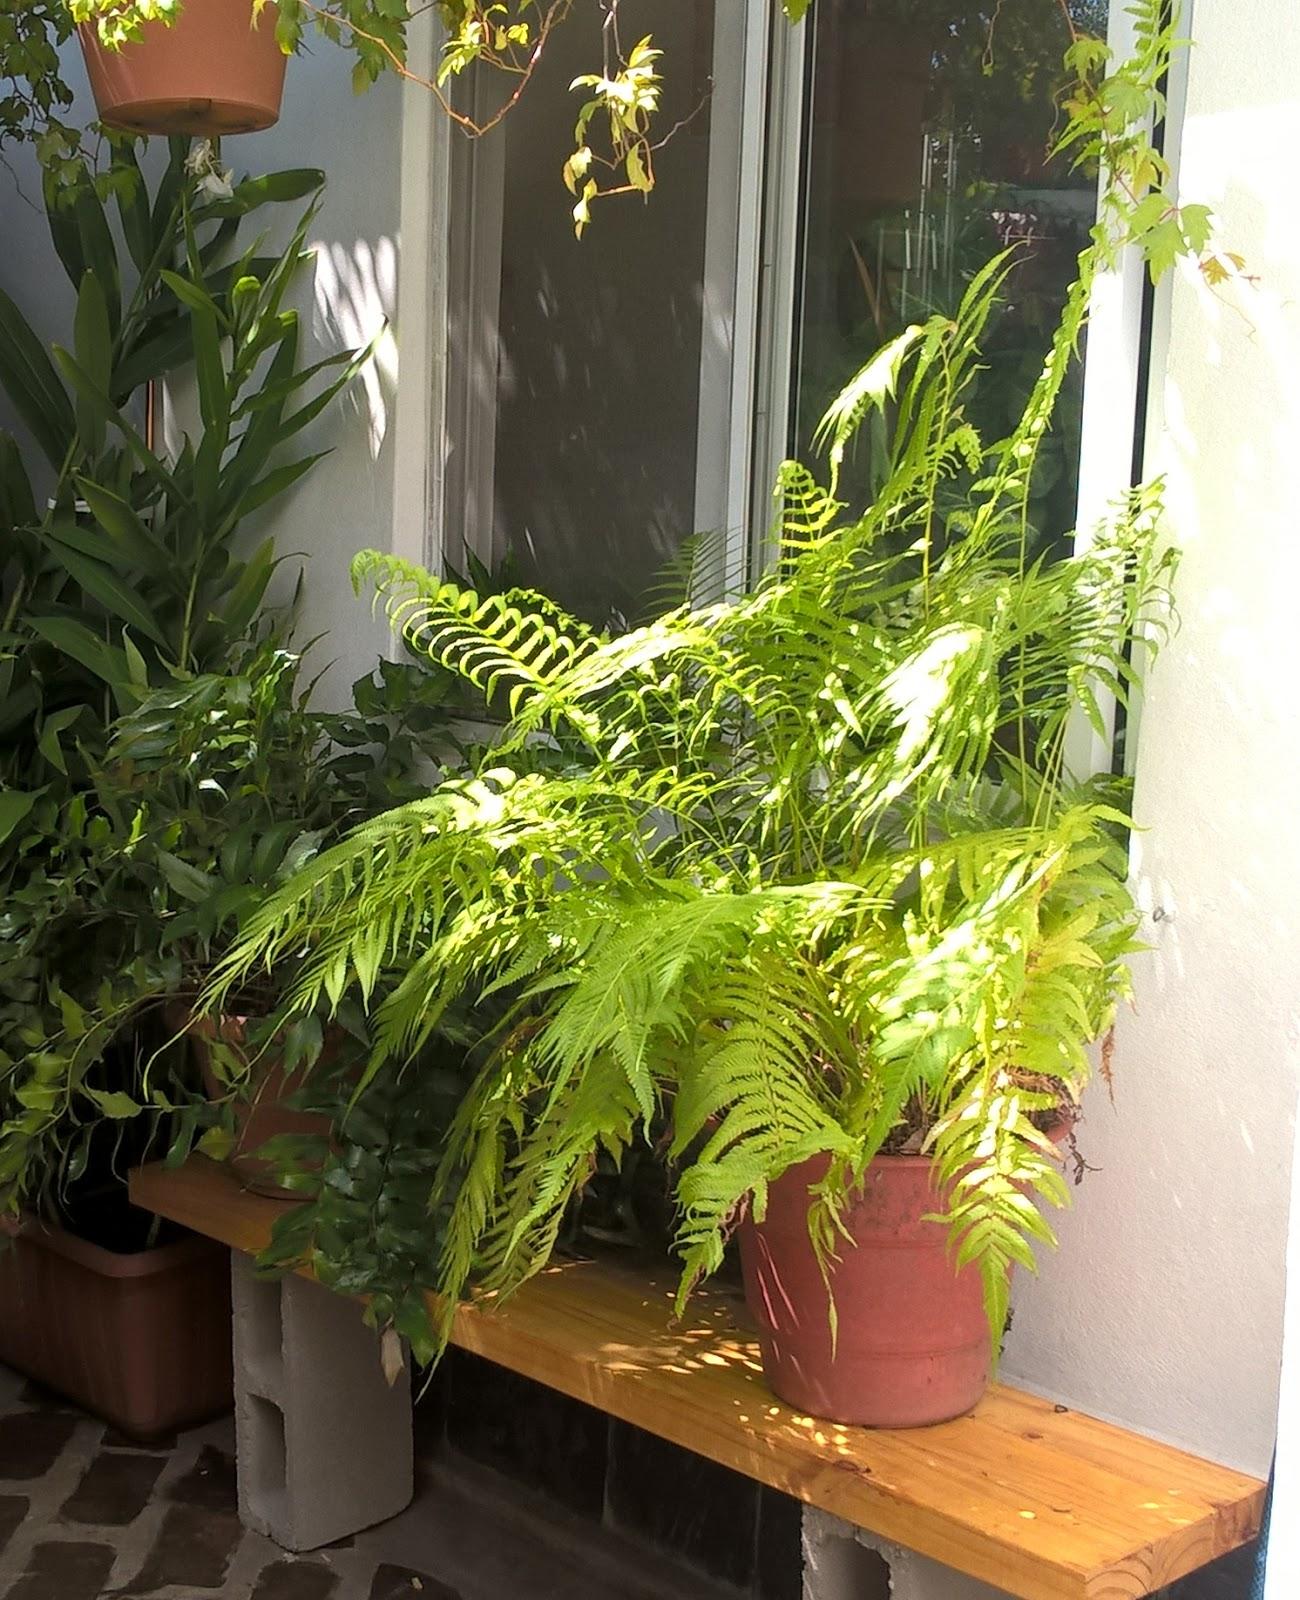 las macetas para baranda pueden usarse para colocar plantas en lugares con espacio limitado no entorpecen el paso e incluso se pueden colocar en balcones